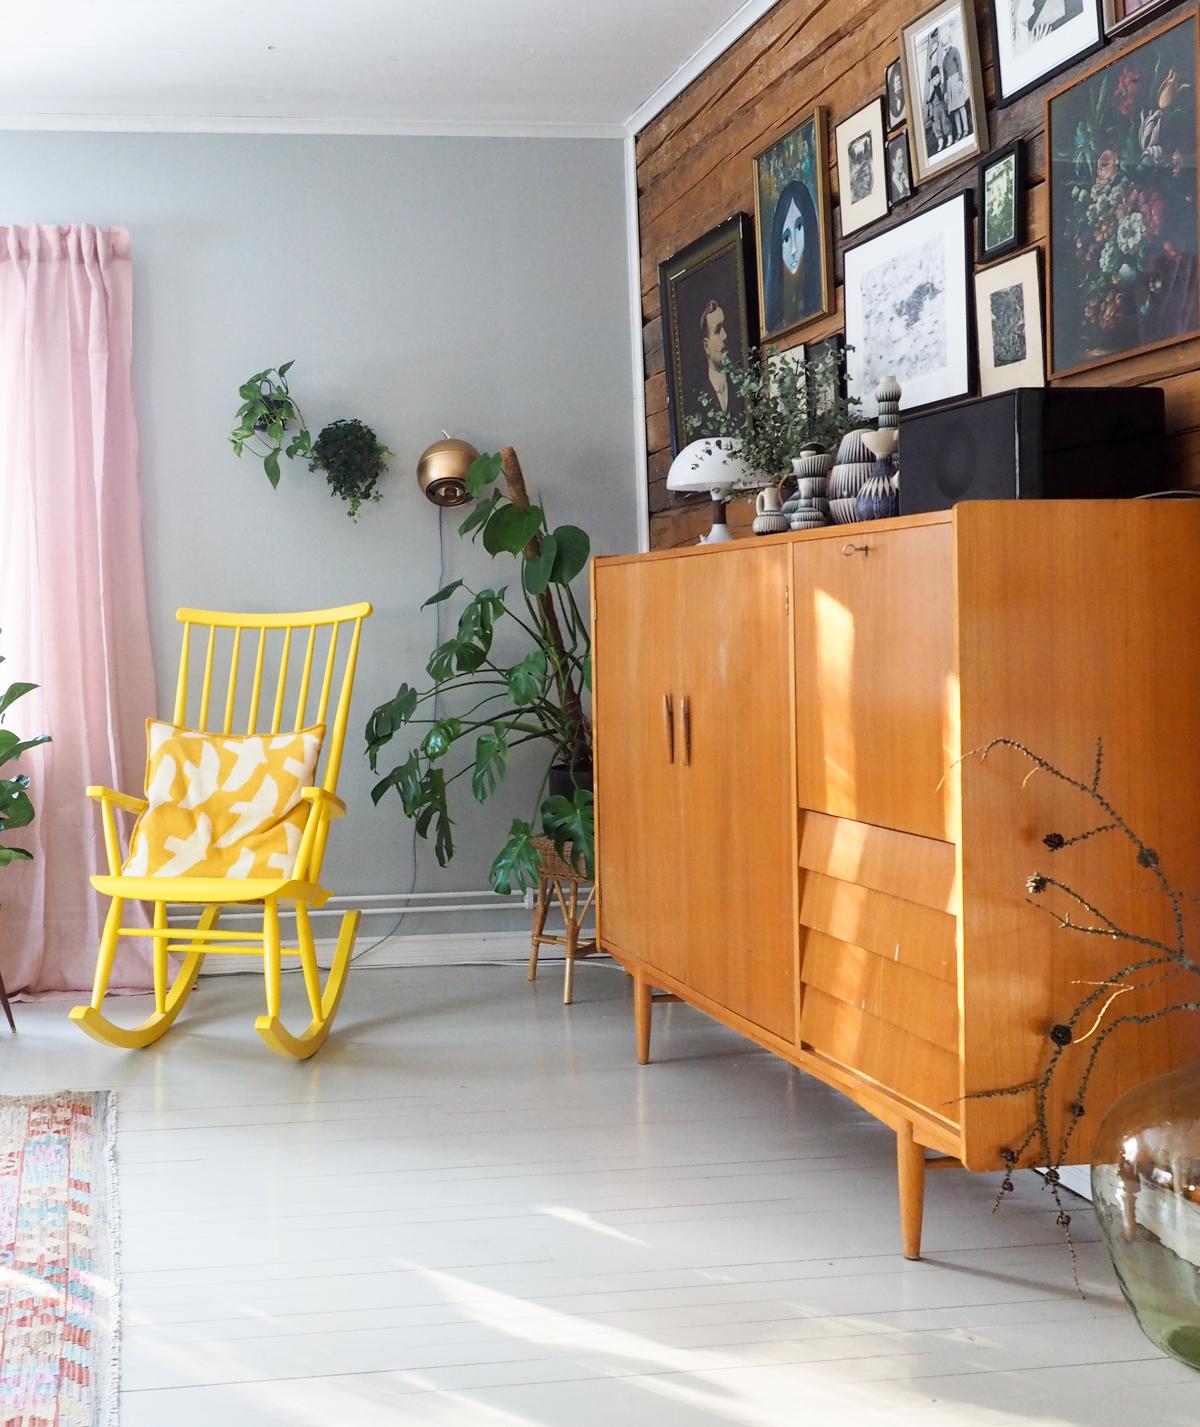 keltainen keinutuoli, olohuone